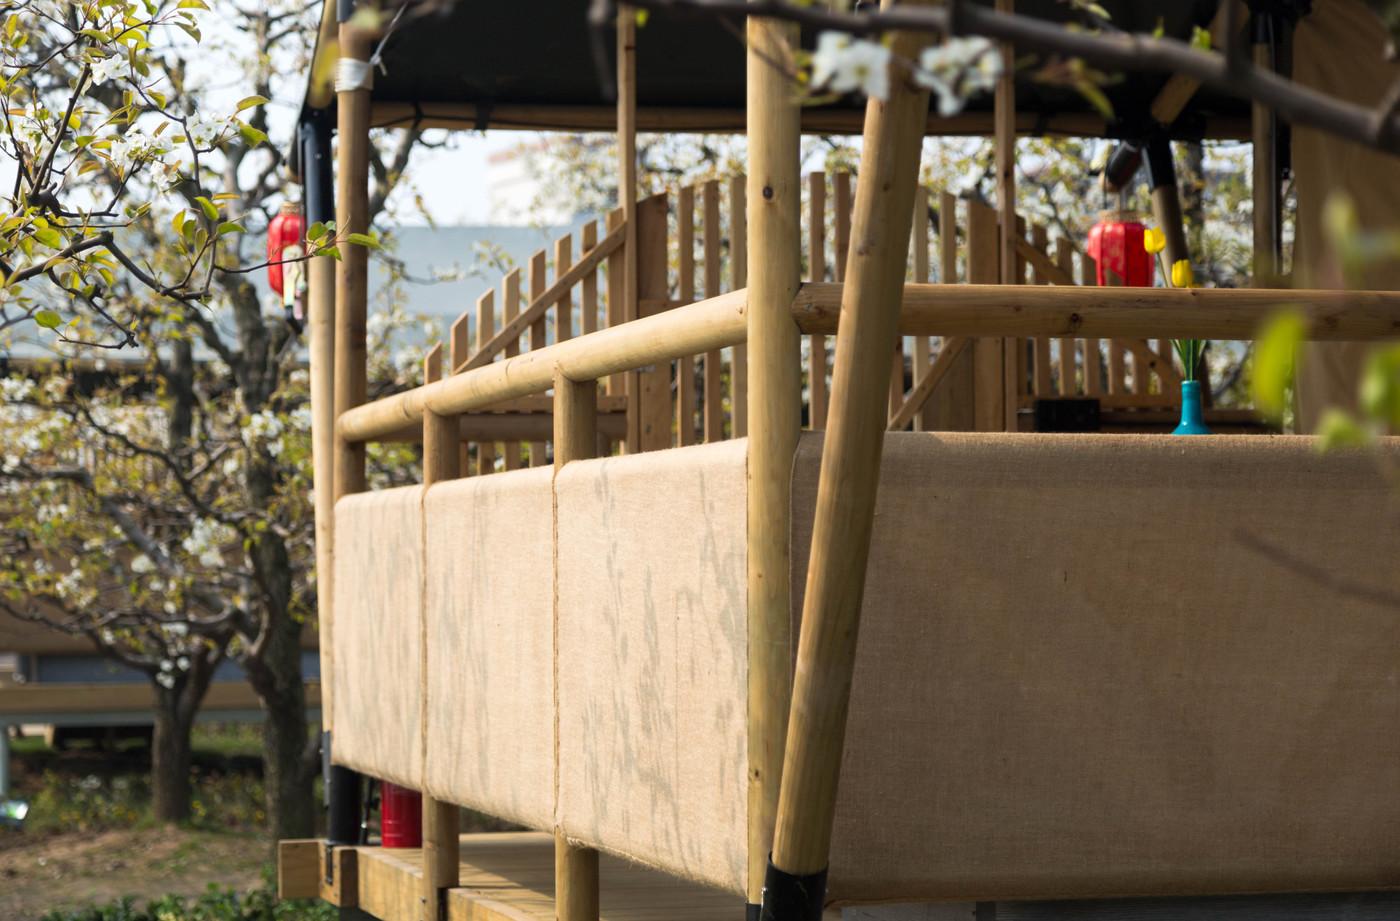 喜马拉雅野奢帐篷酒店—安徽砀山东篱蓬芦梨园帐篷酒店5